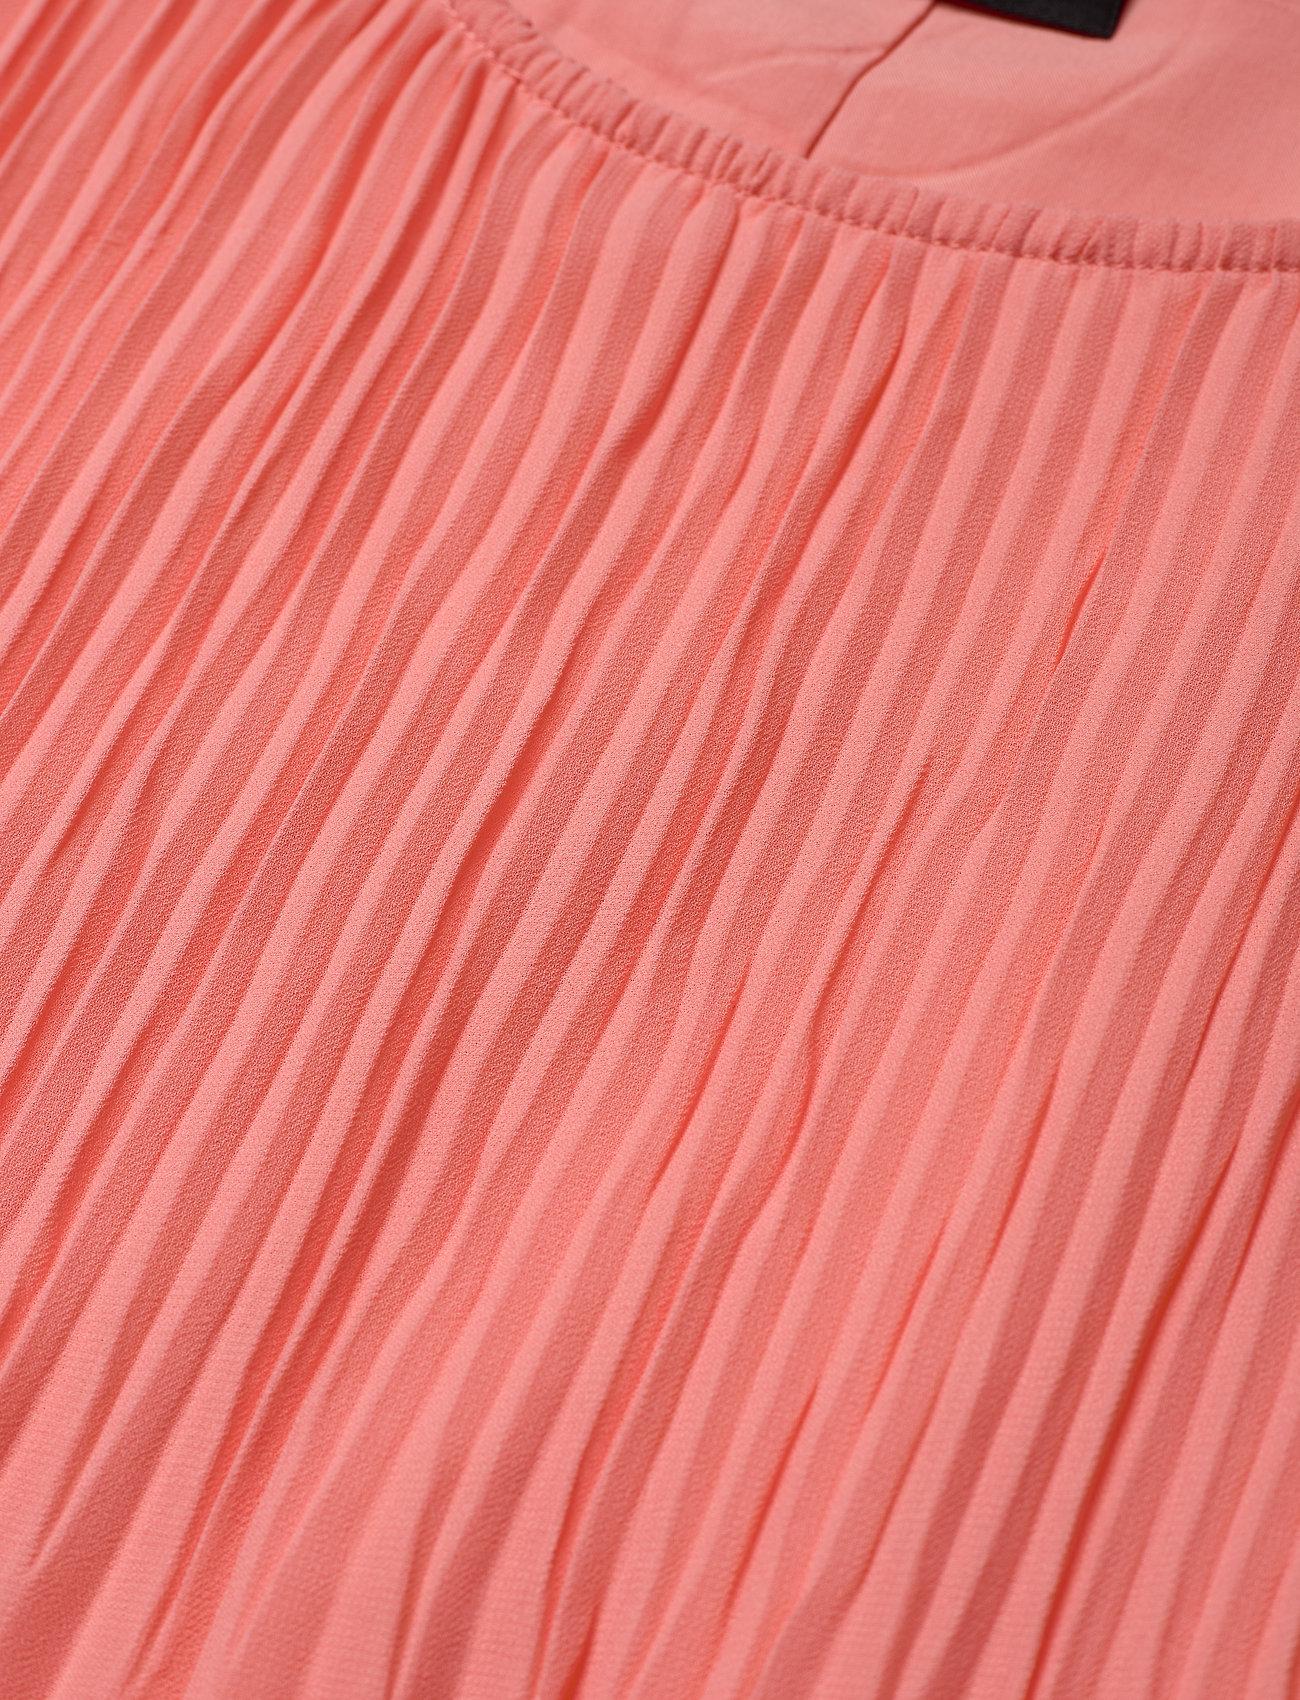 Zizzi MSIVA, L/S, ABK DRESS - Sukienki CORAL - Kobiety Odzież.